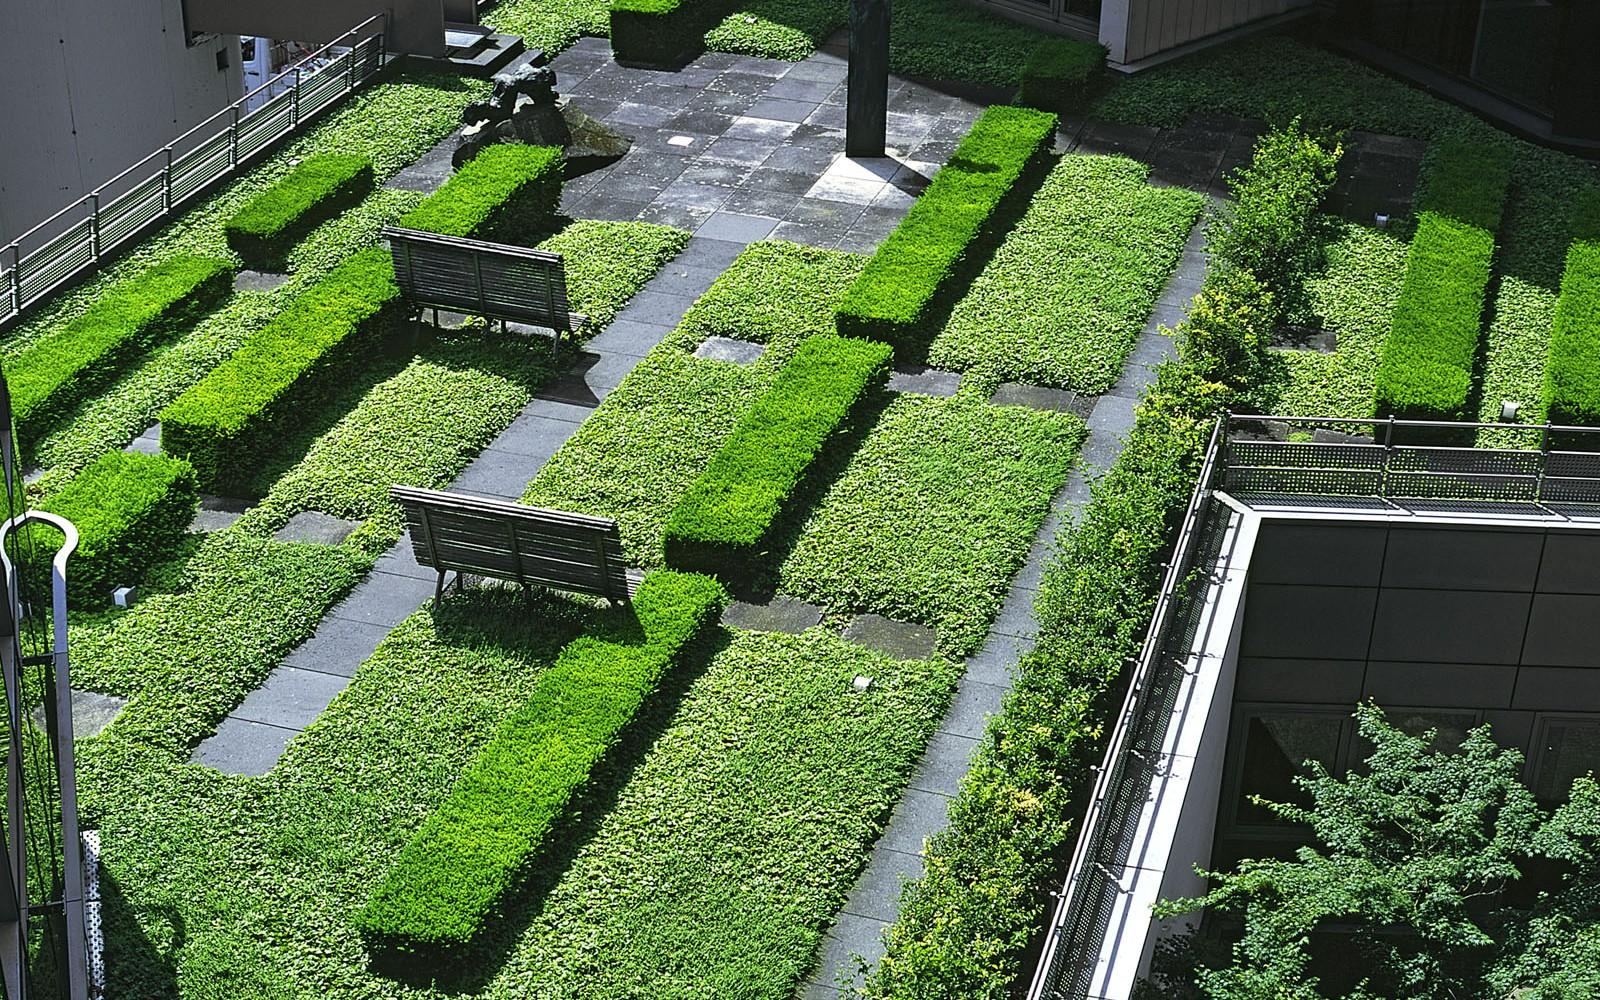 Le pamphlet les installations ext rieures et jardin sur le toit - Jardin sur les toits ...